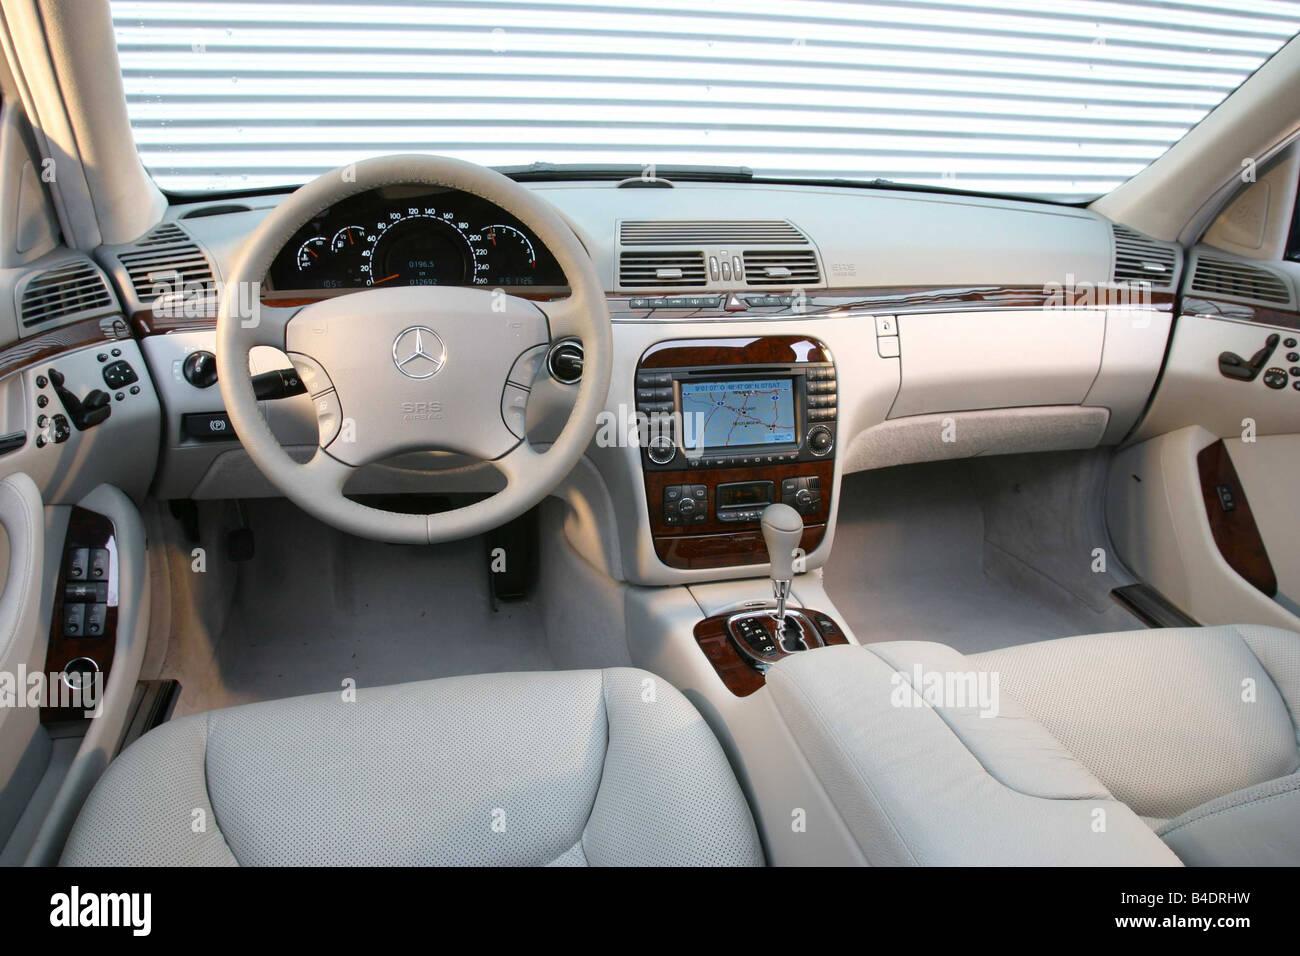 Mercedes Car Interior Stock Photos & Mercedes Car Interior Stock ... | {Auto cockpit mercedes 79}